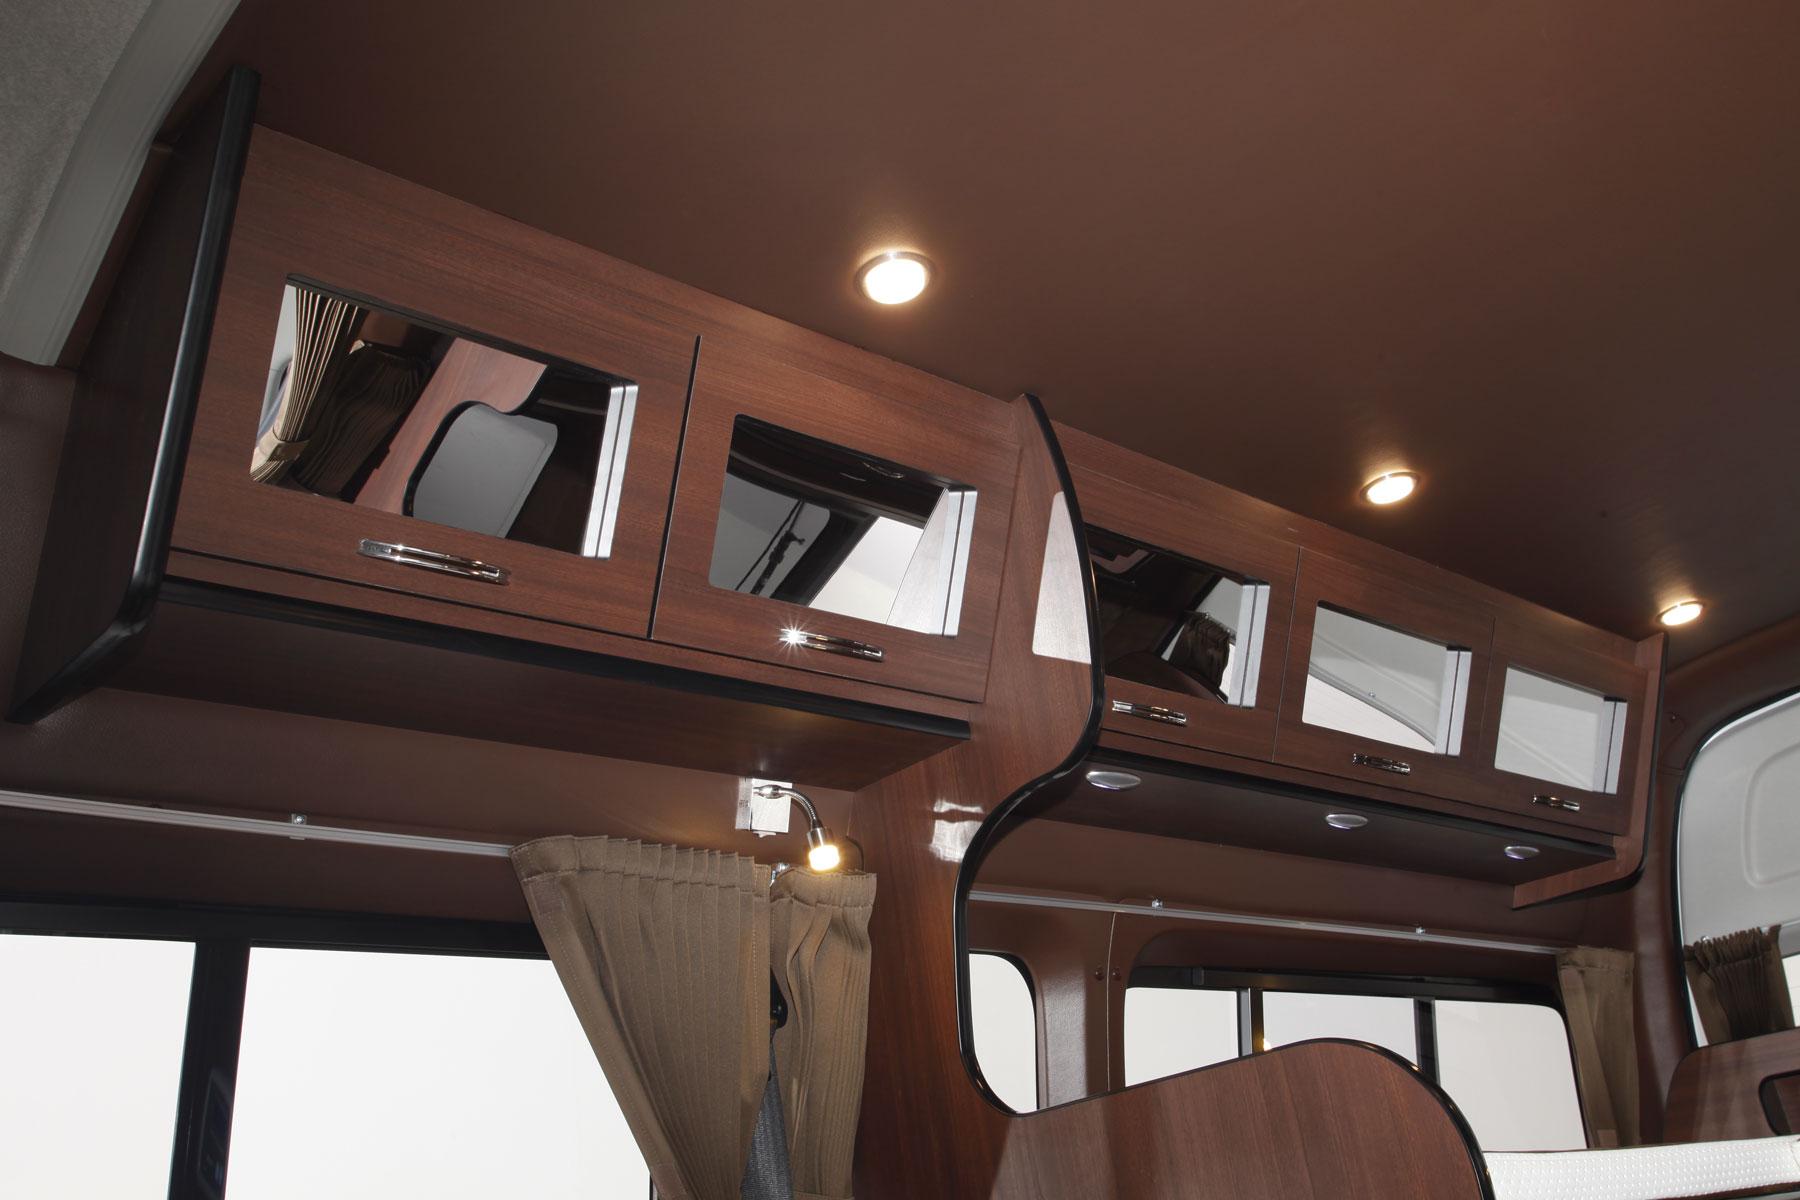 TRAVOIS ハイエースカスタムコンプリートカー SW200SL